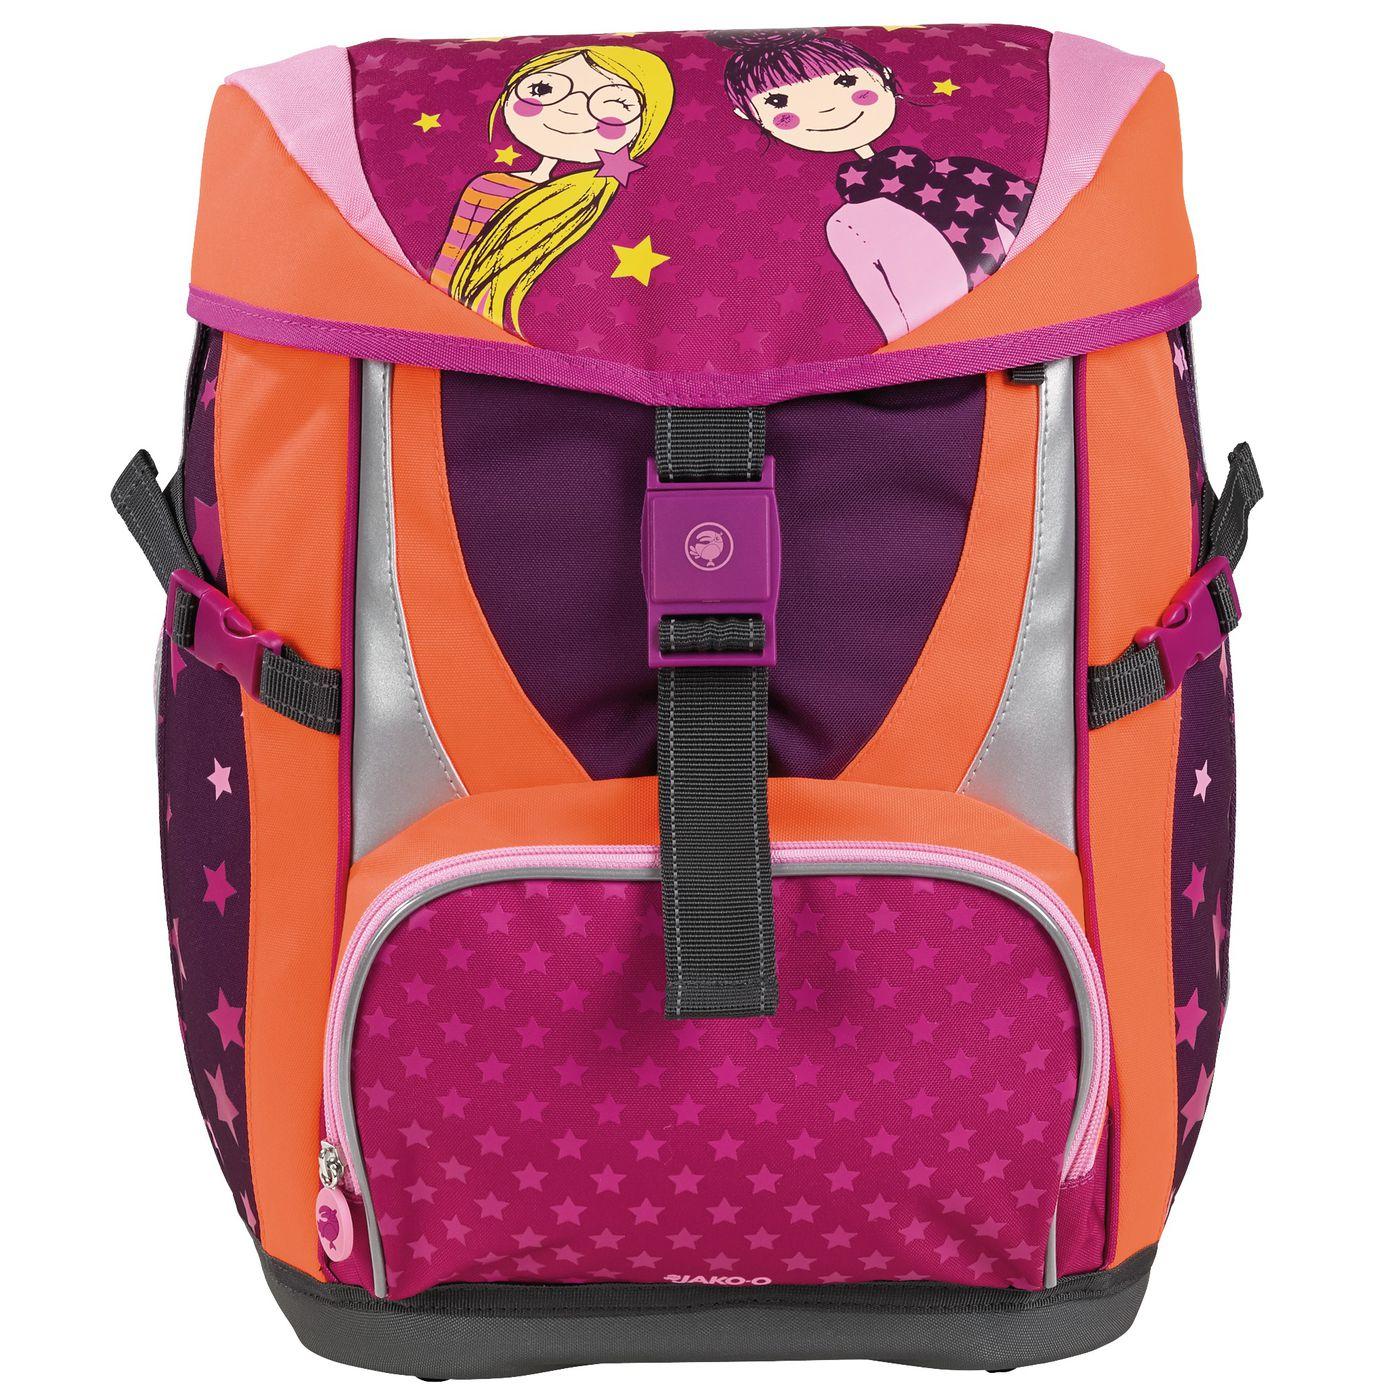 Schulrucksack für Mädchen oder Jungs für je 44,95€ statt rund 100€ von [Jako O]